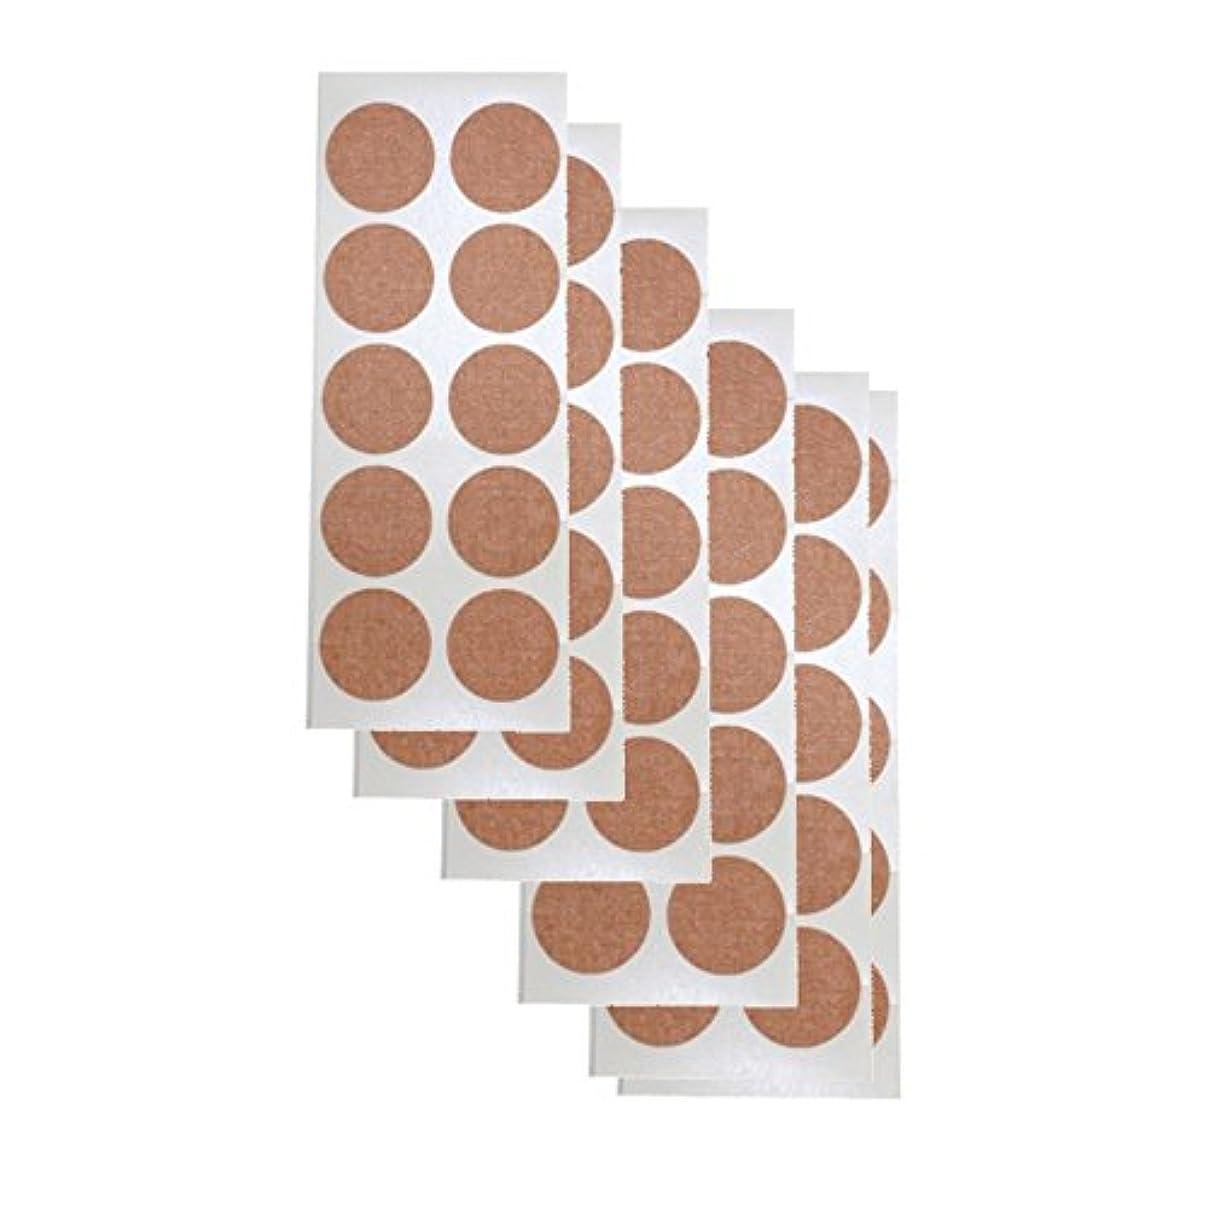 弱いコンソール数学者TQチップ 貼り替え用専用シール 効果は半永久的!貼っただけで心身のバランスがとれるTQチップ専用